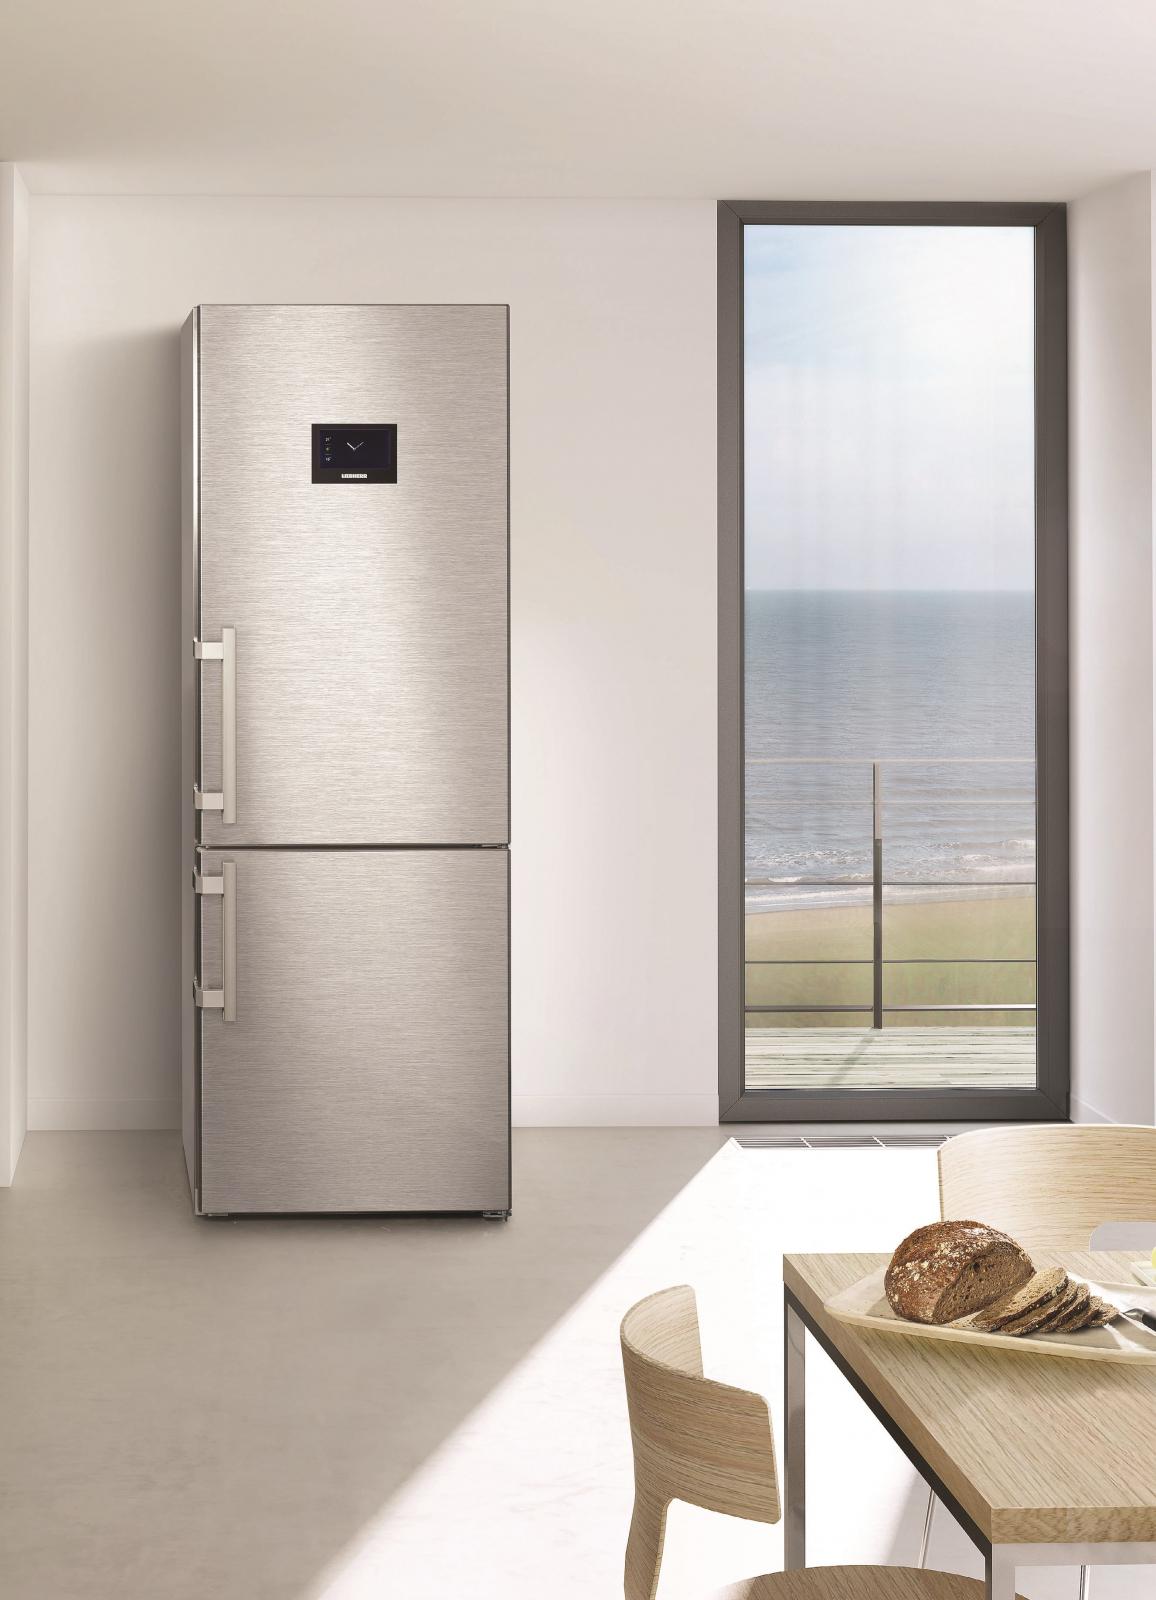 купить Двухкамерный холодильник Liebherr CBNPes 5758 Украина фото 11